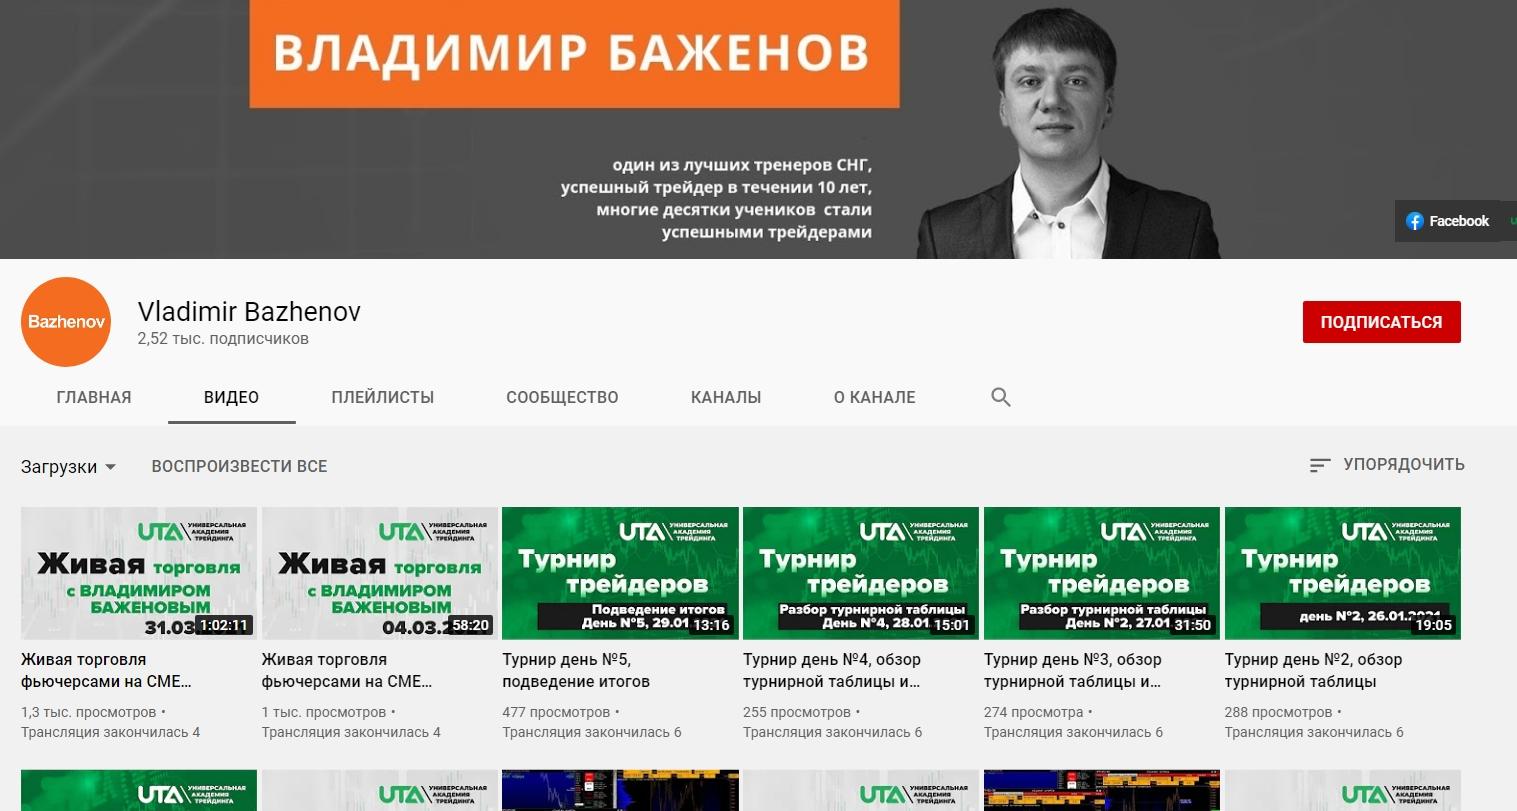 Ютуб канал Владимира Баженова